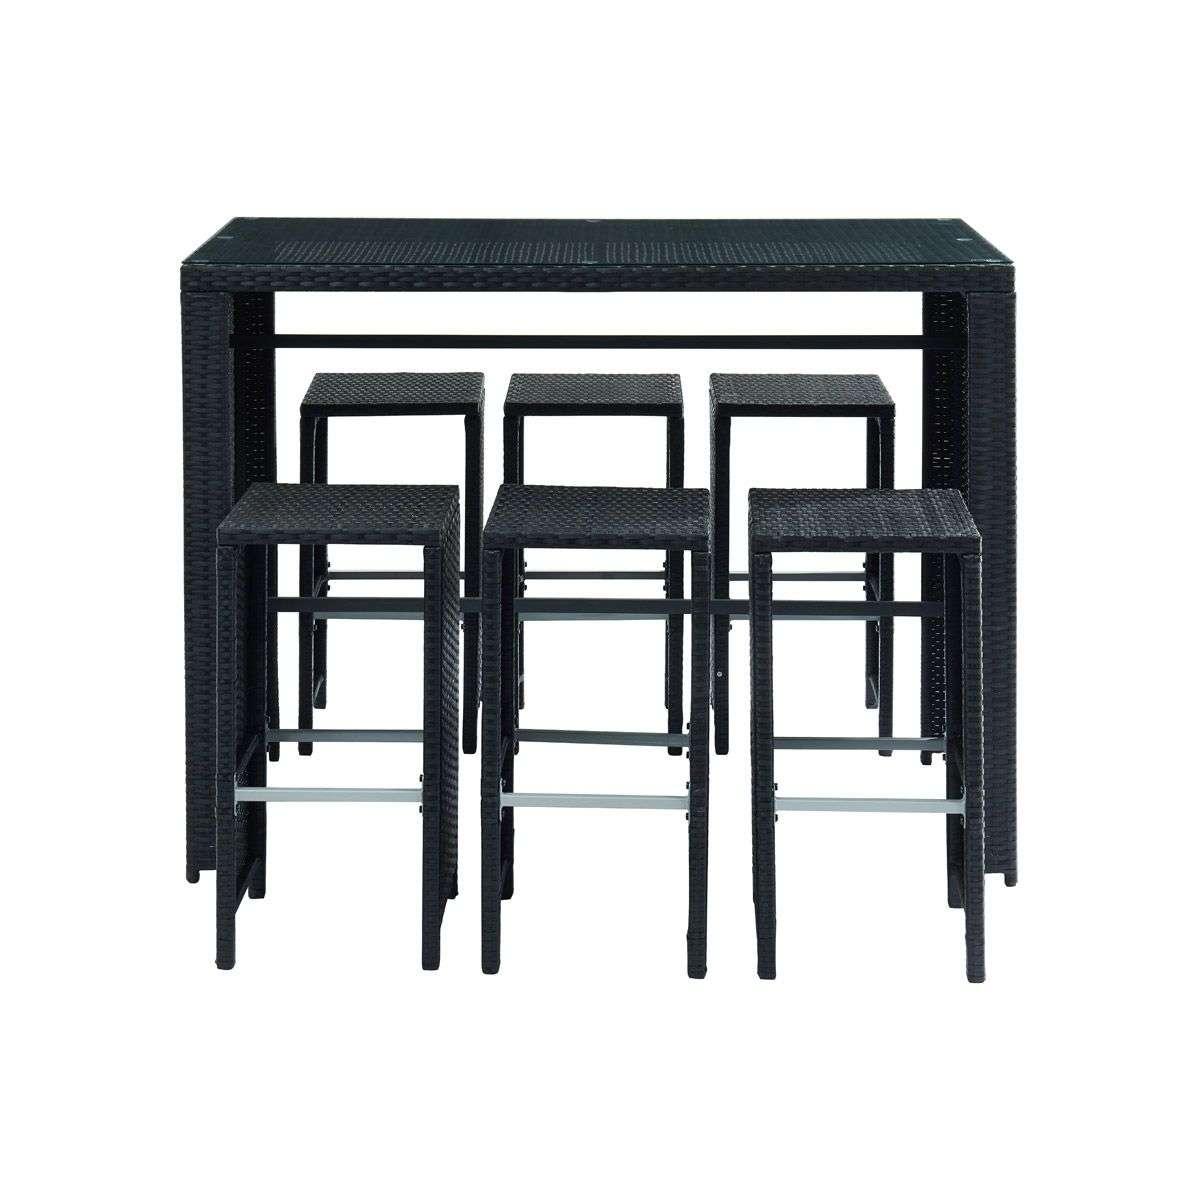 Salon De Jardin En Résine Tressée Noire Avec Table Et 6 Chaises Hautes  Cancun intérieur Table Jardin Noire